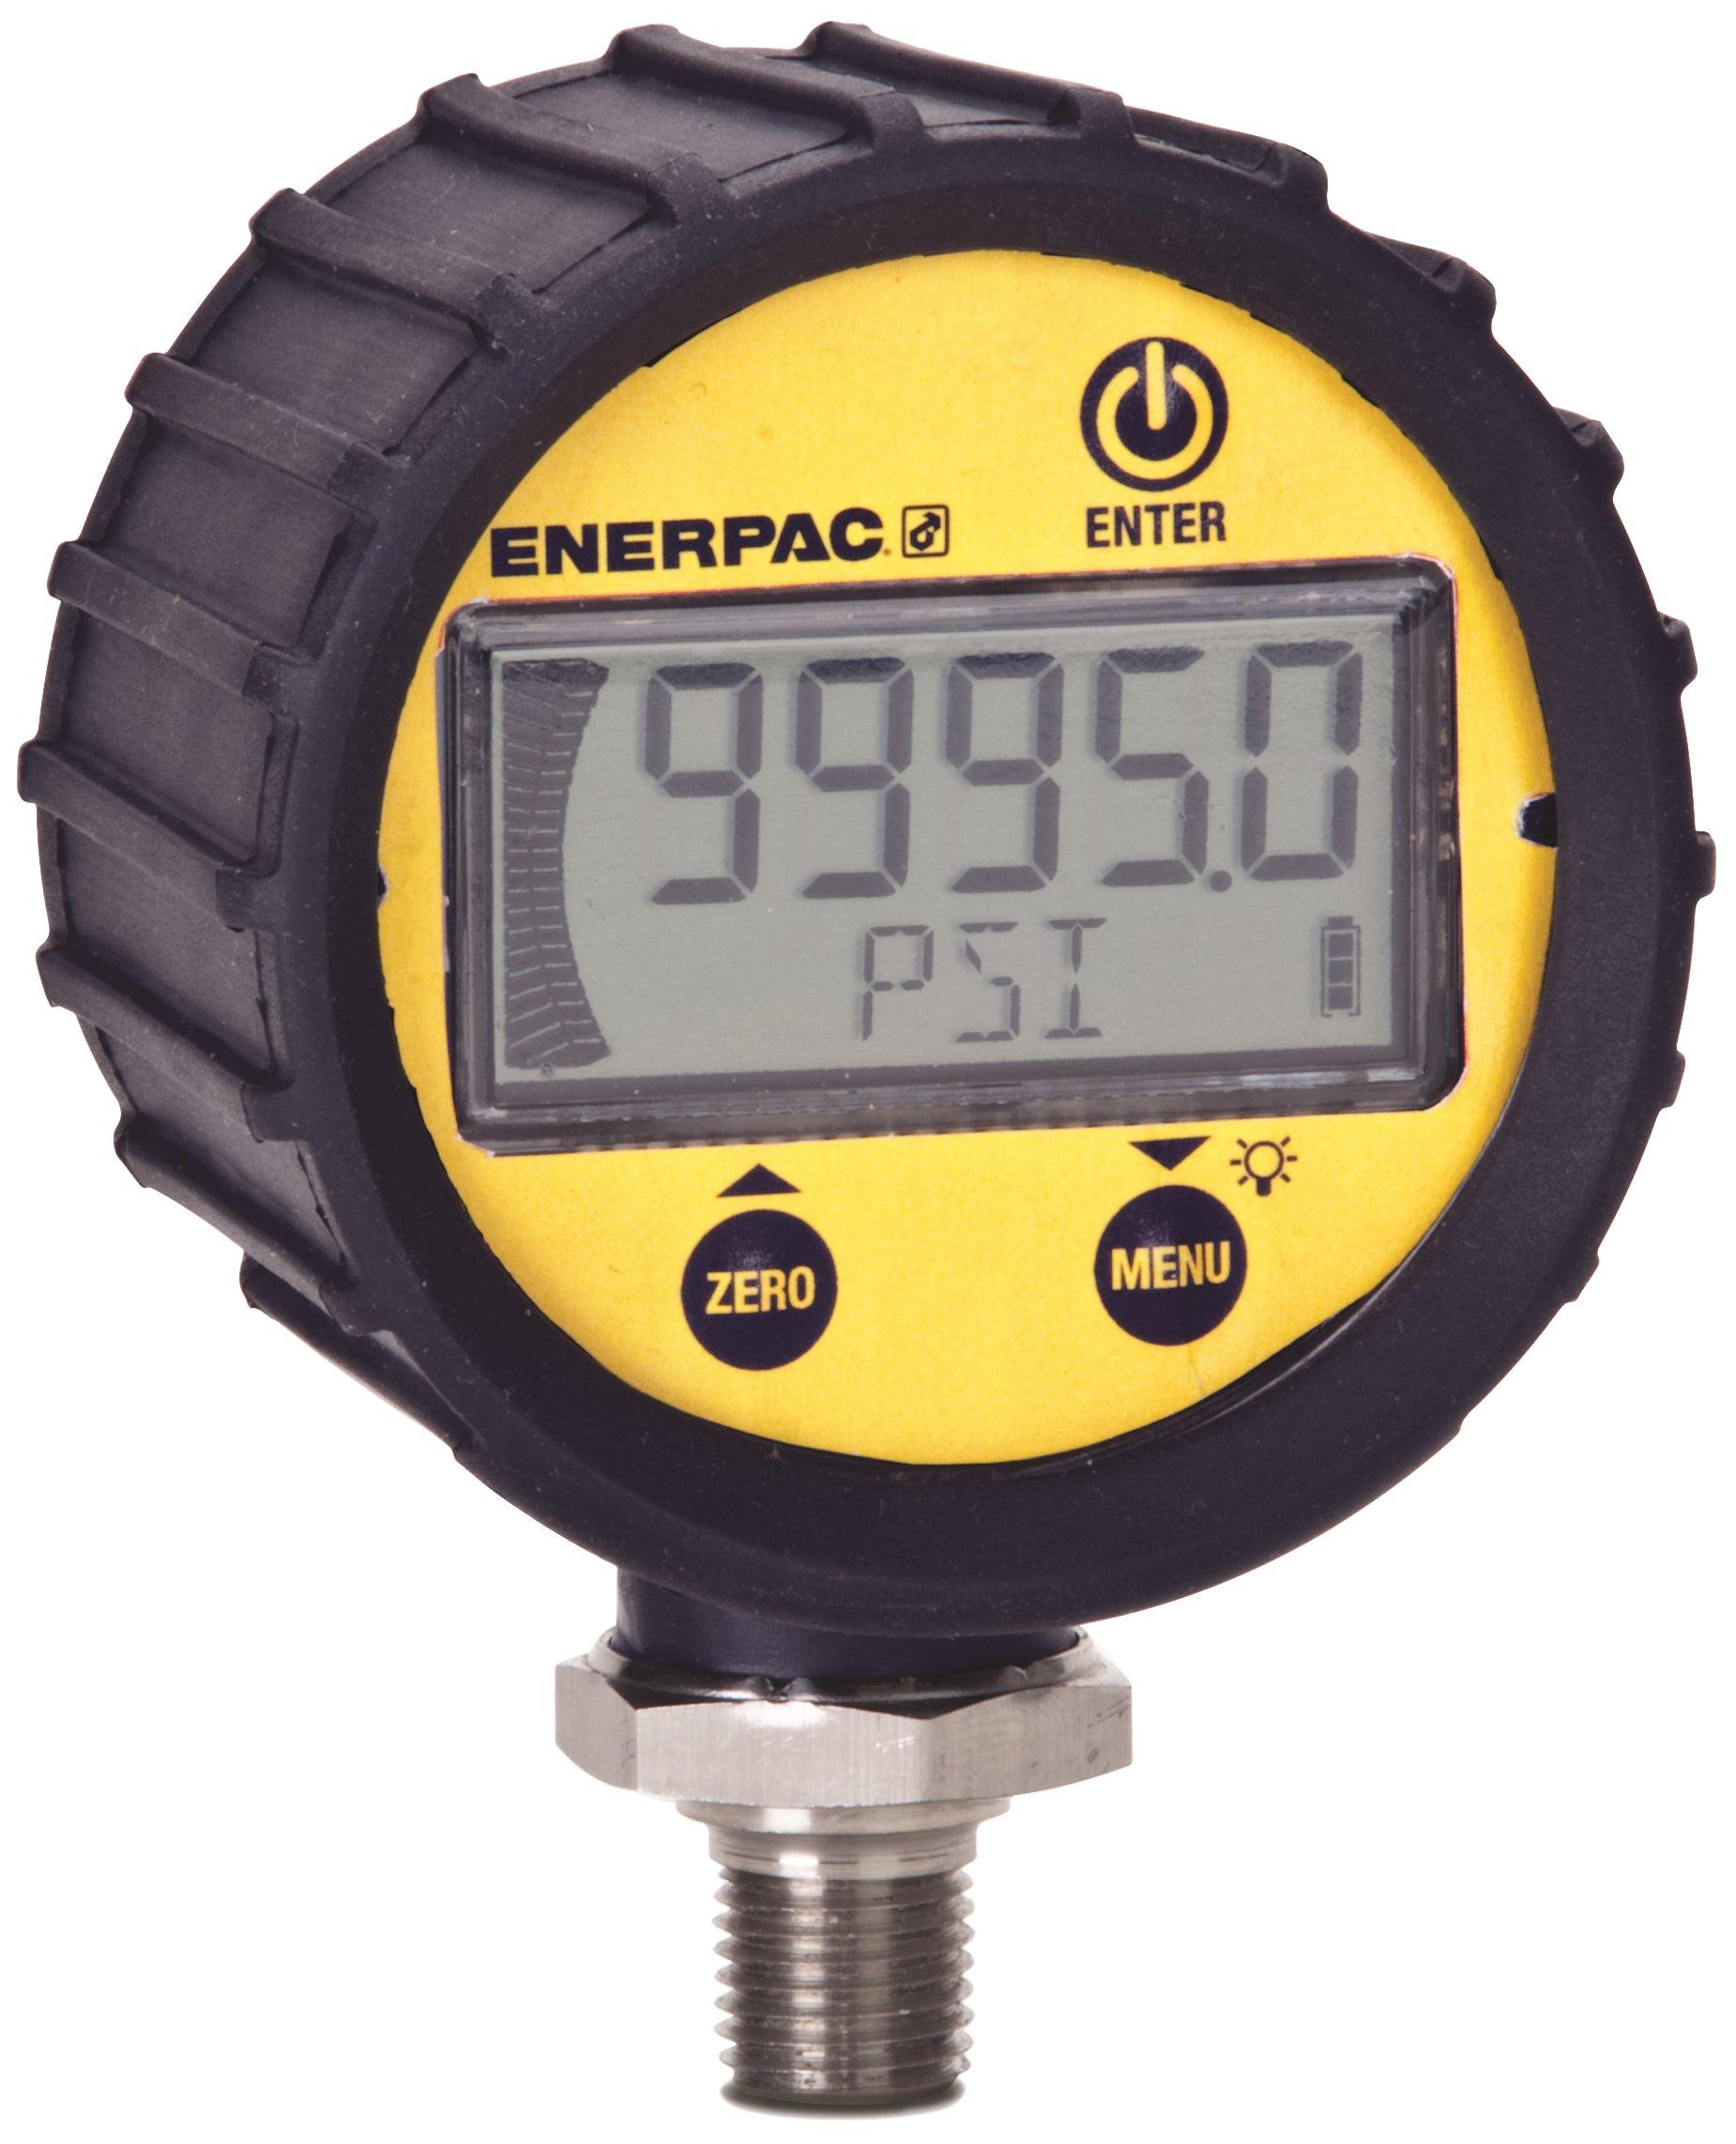 Enerpac DGR-2 Digital Hydraulic Pressure Gauge, 0 to 20,000 PSI, 1/4'' NPTF, Yellow